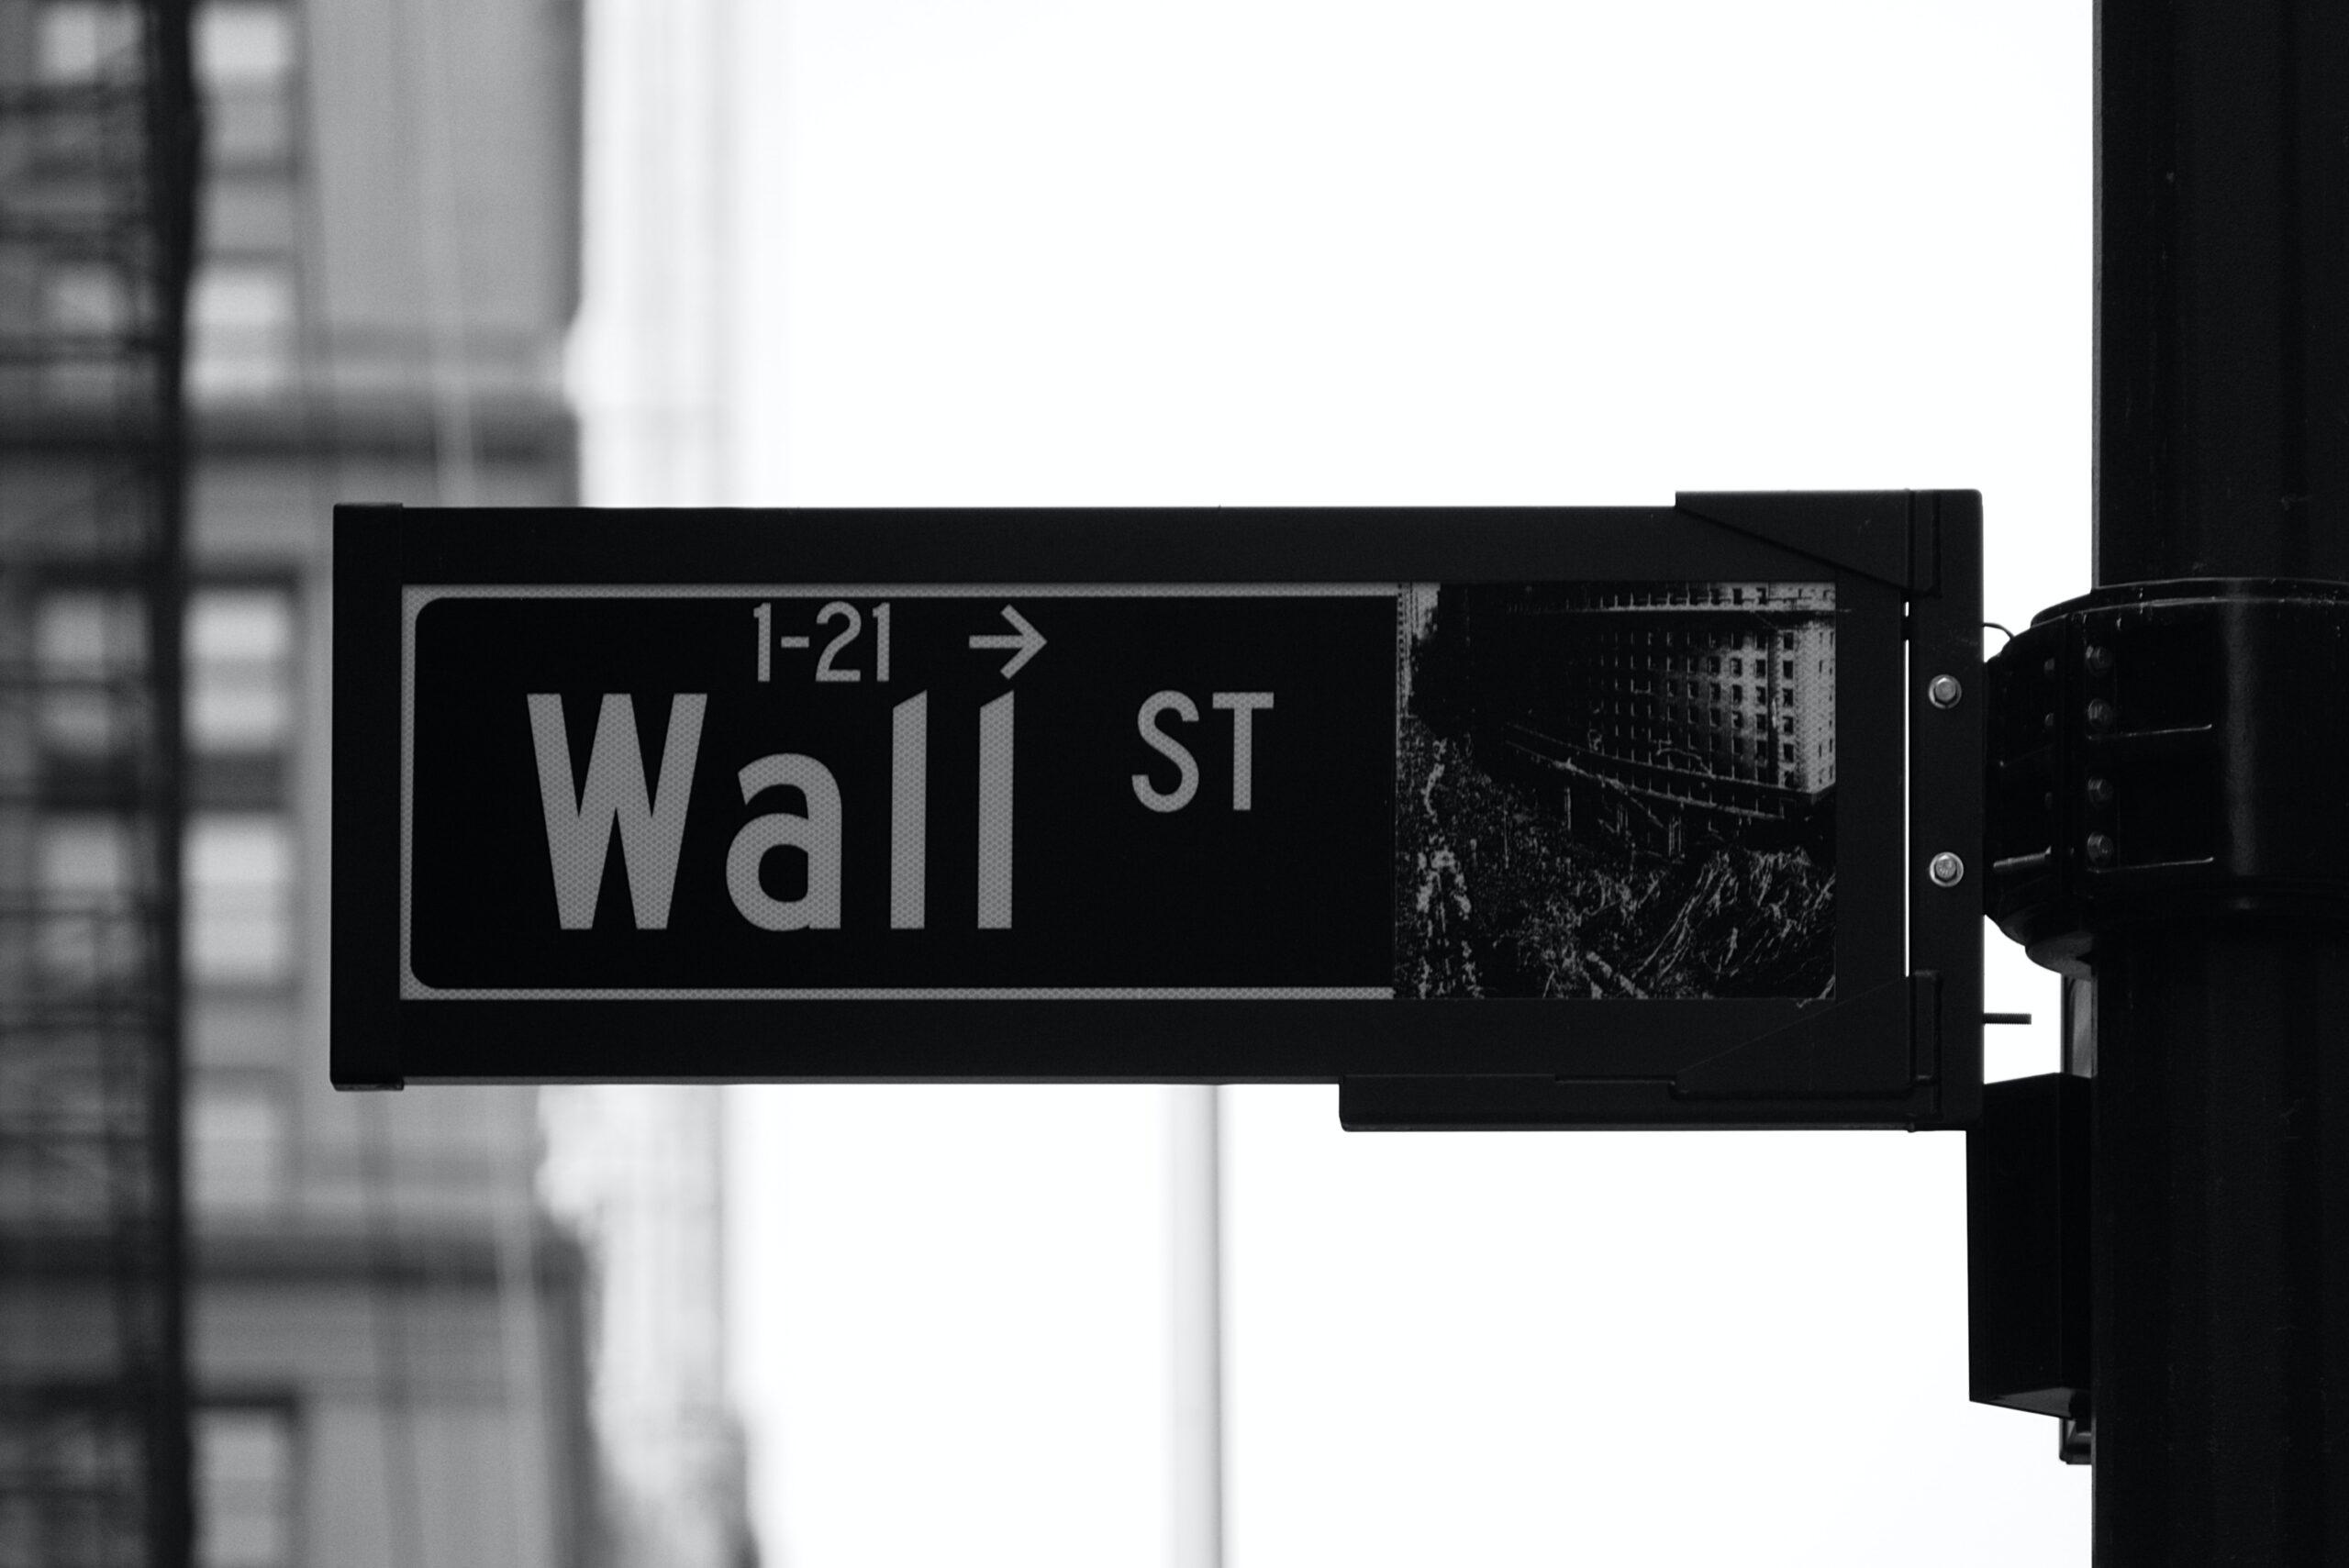 【ウォール街の相場格言】相場の本質が分かる投資格言21選